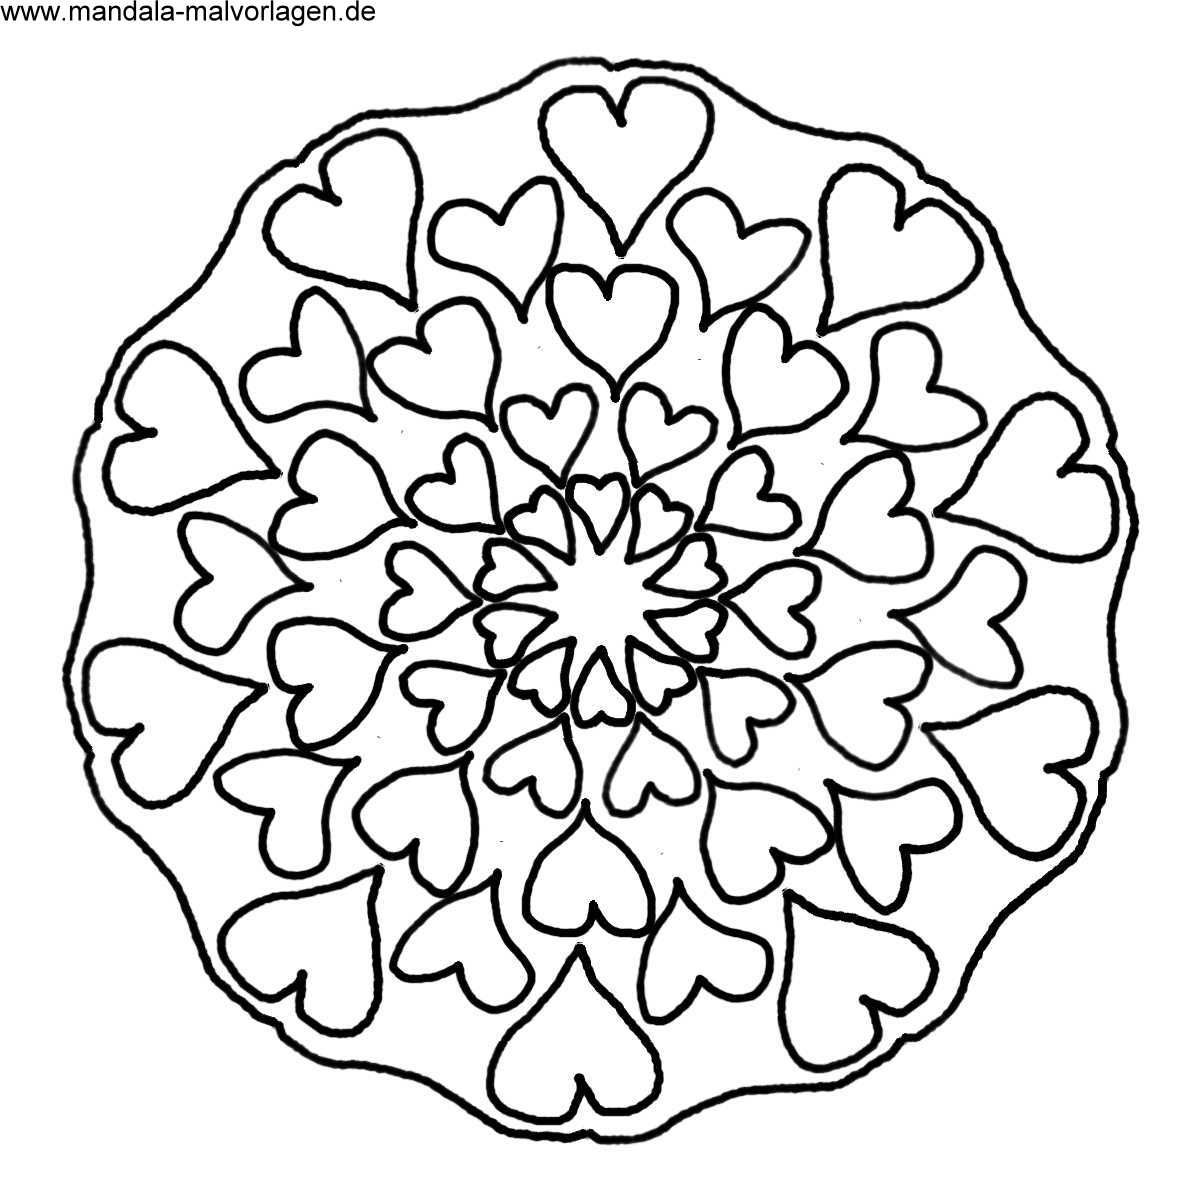 Malvorlagen Mandala Herzen | My blog